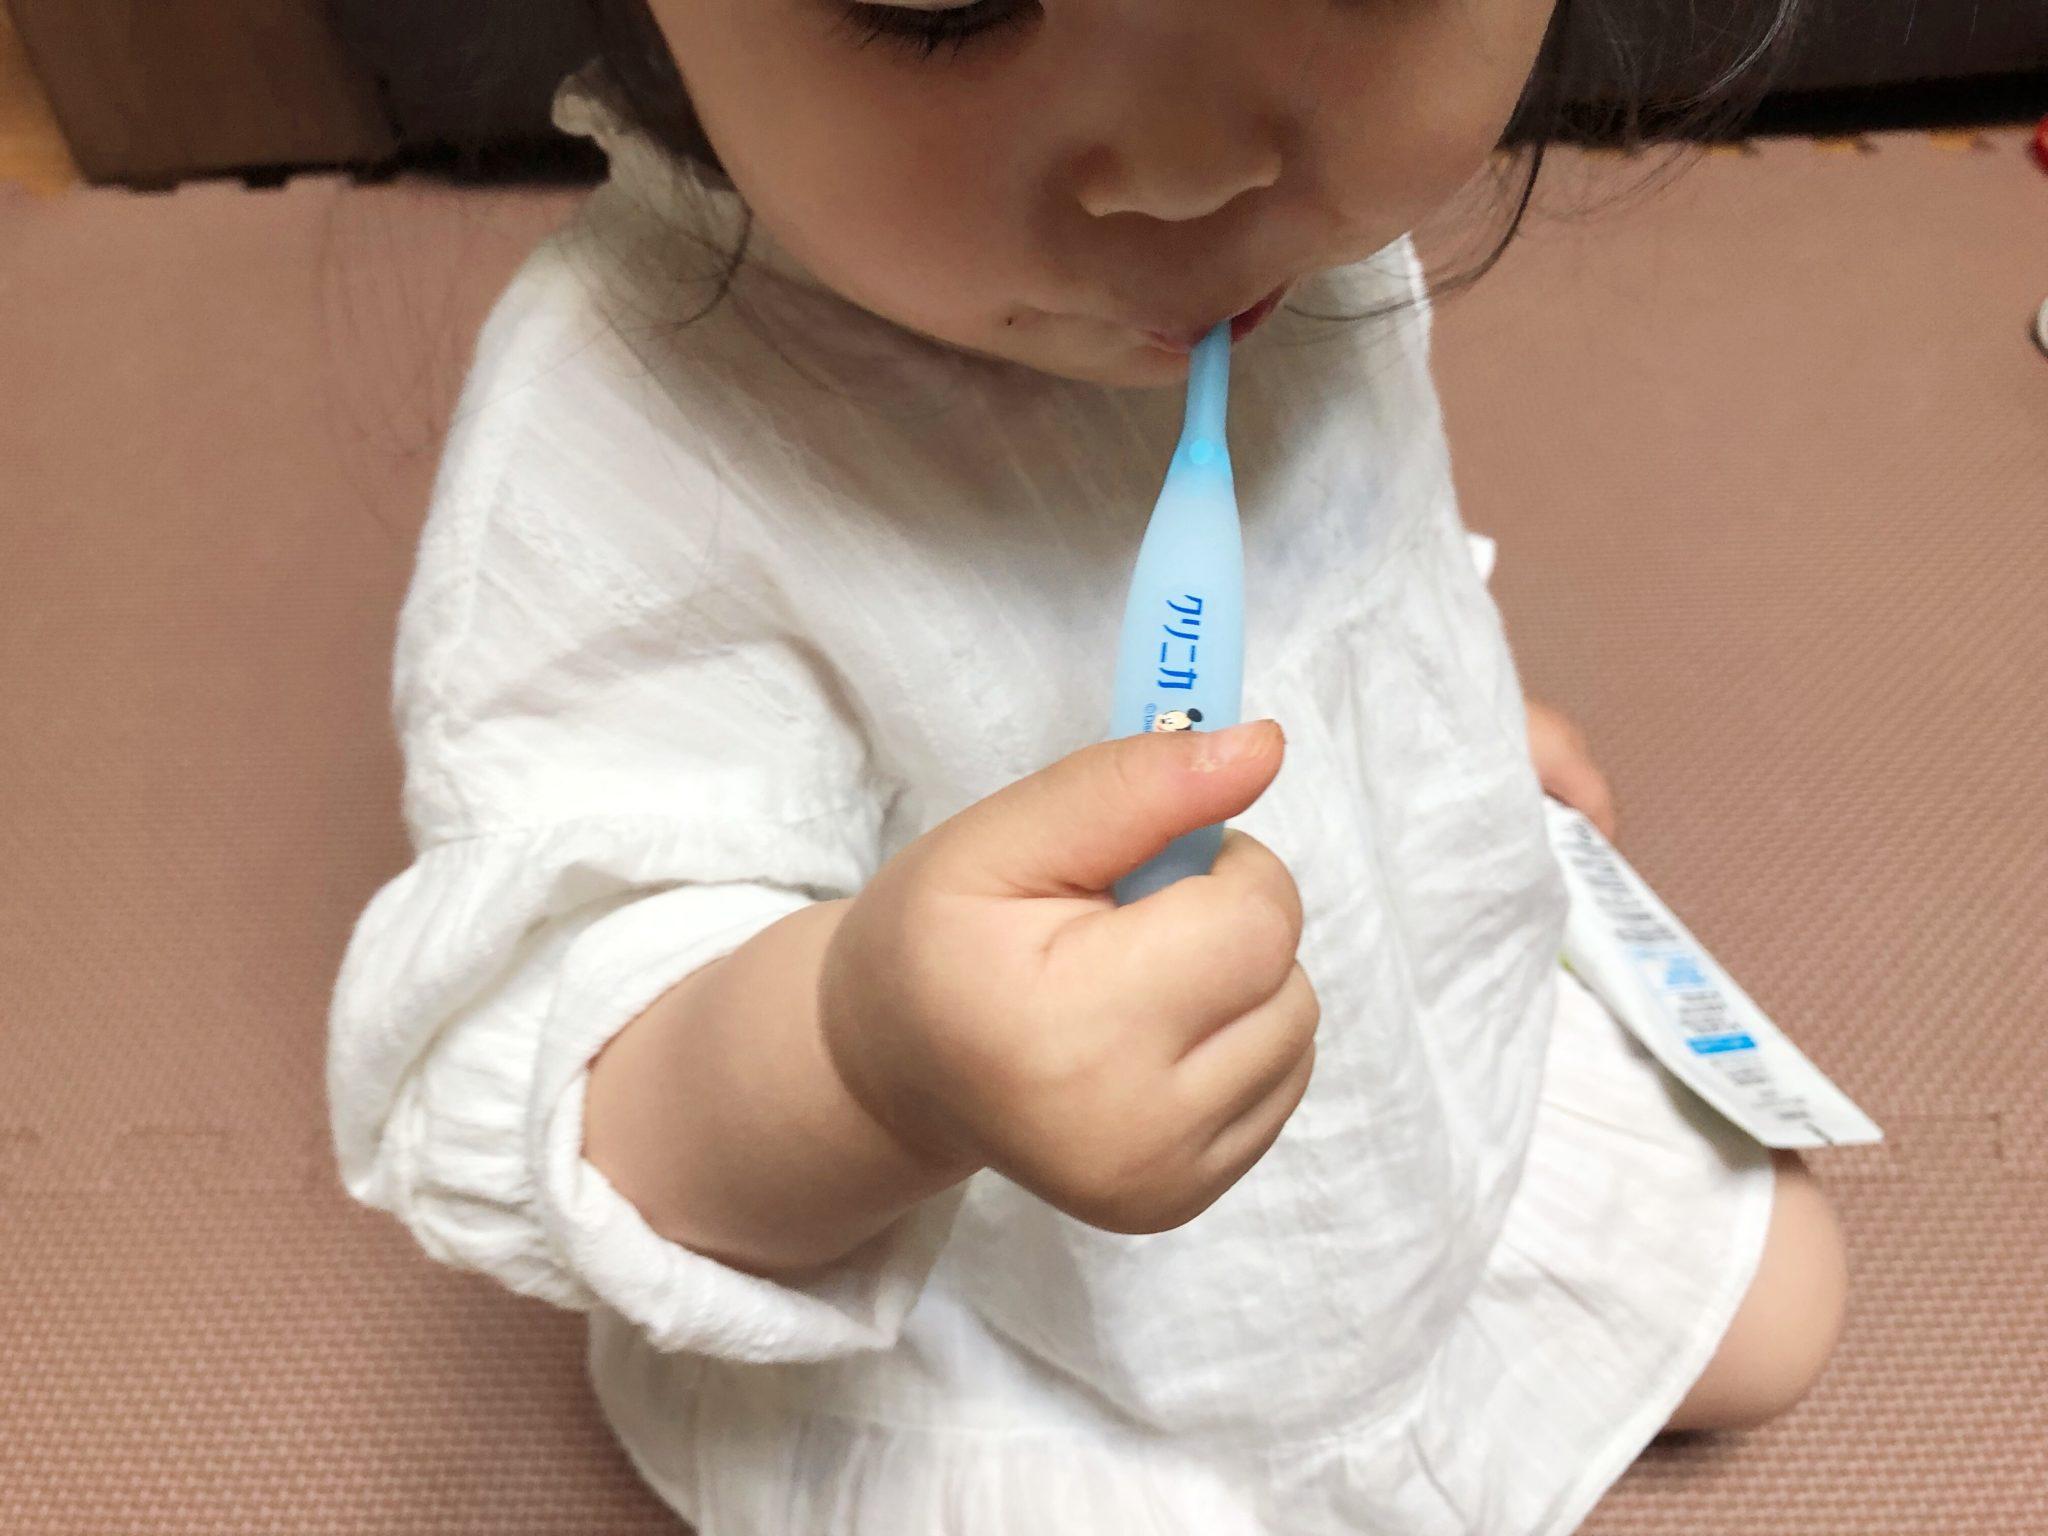 子供の歯磨きどうしてる?虫歯予防は12歳まで親がしっかりチェックして?!